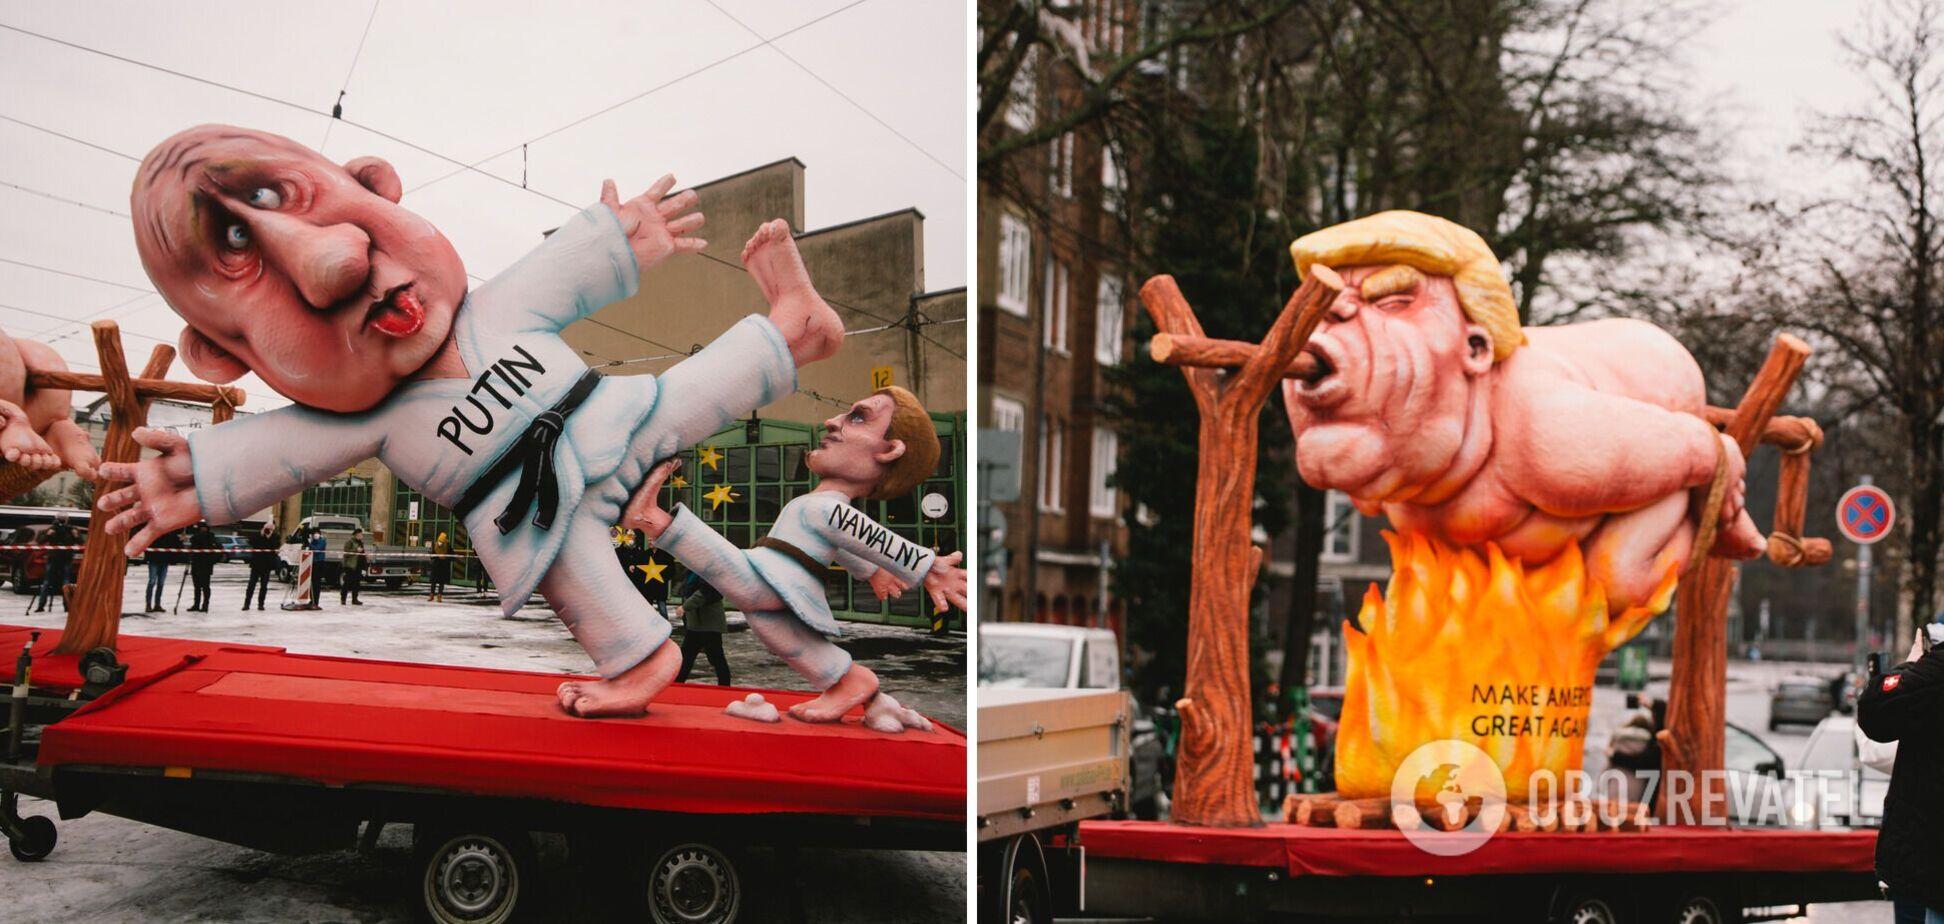 В Германии прошел карнавал, где поджарили 'Трампа' и избили 'Путина'. Фото